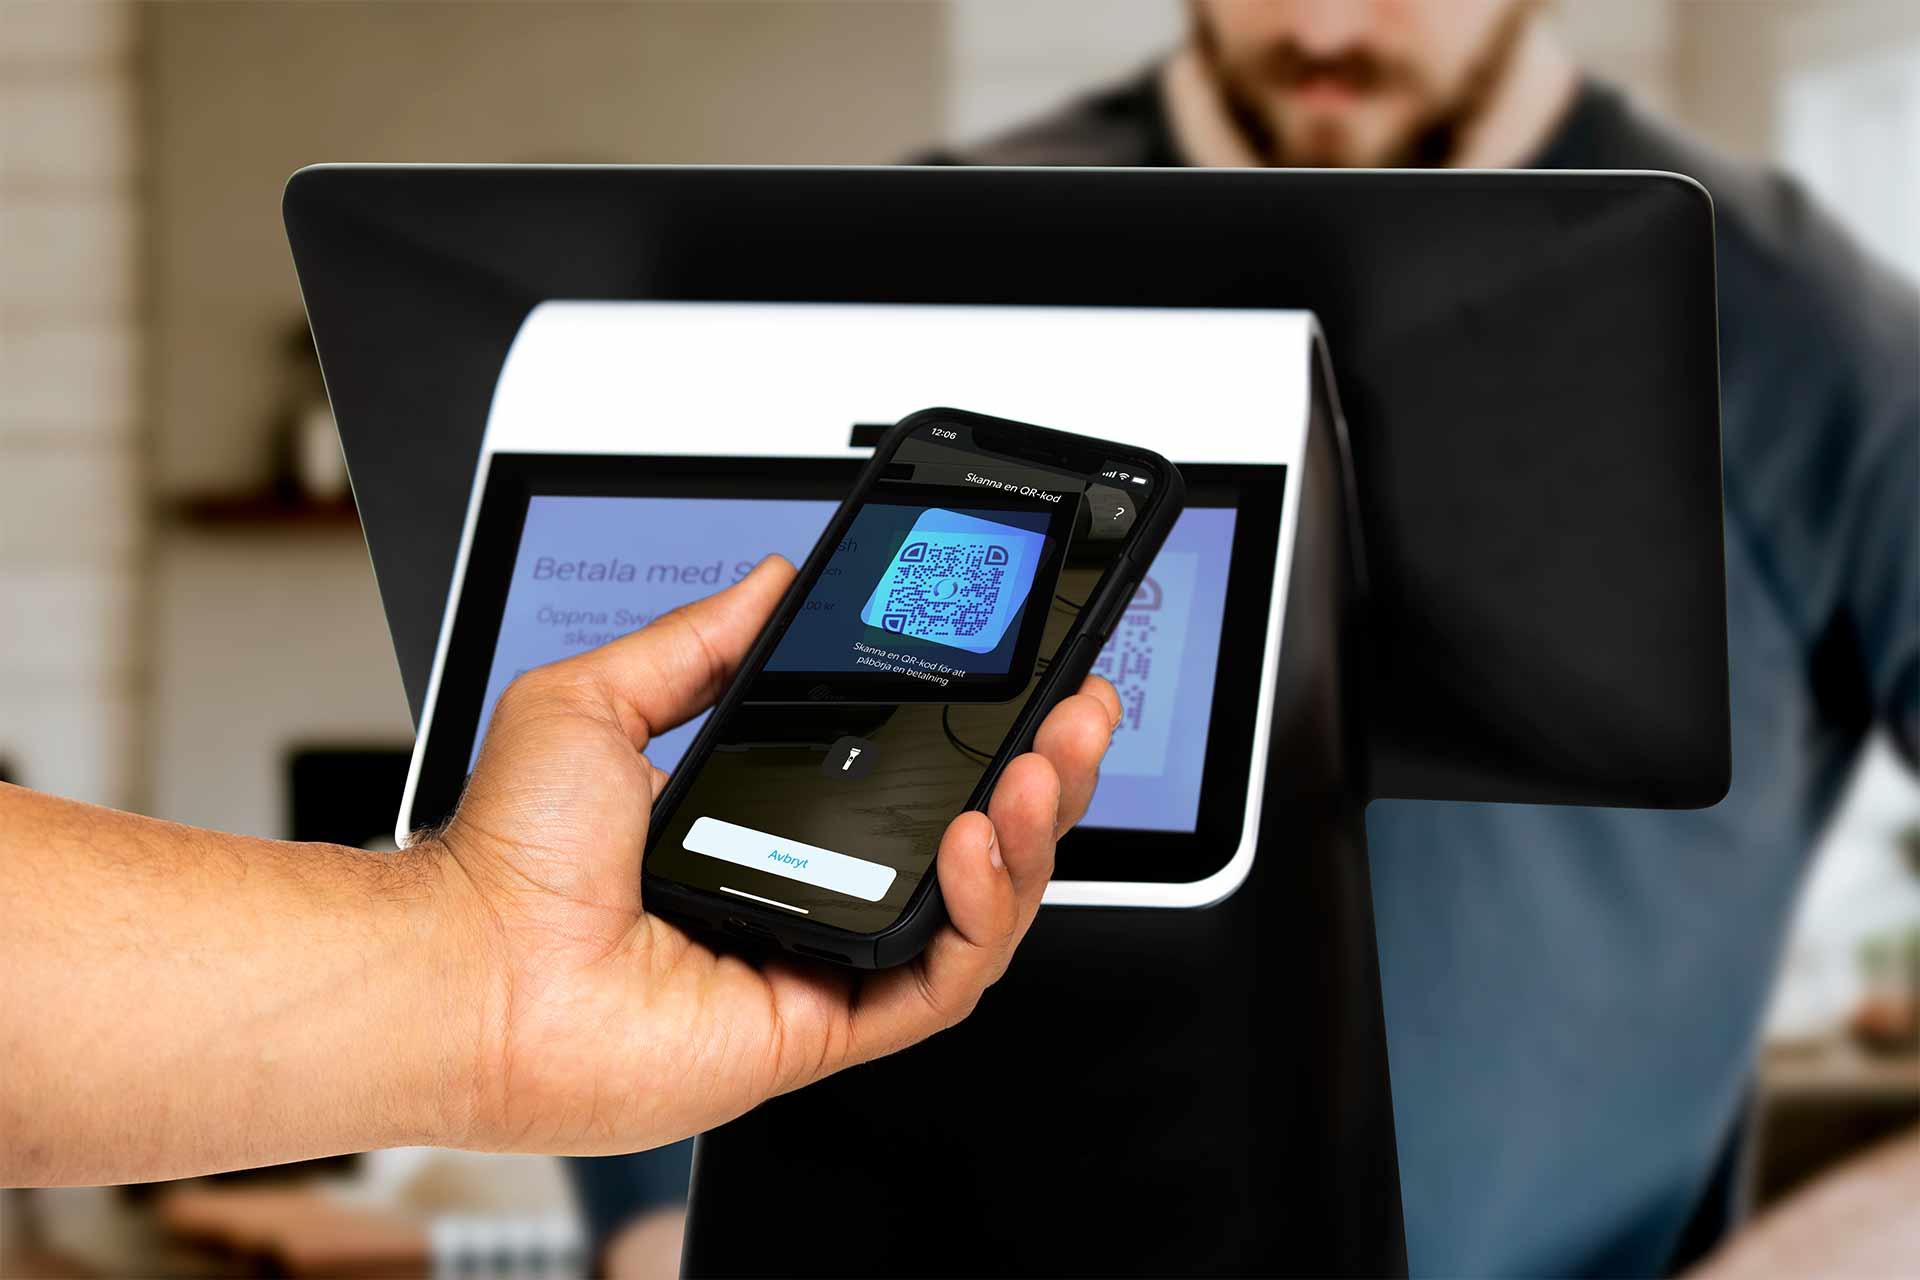 Mobilbetalning med Onslip och Swish